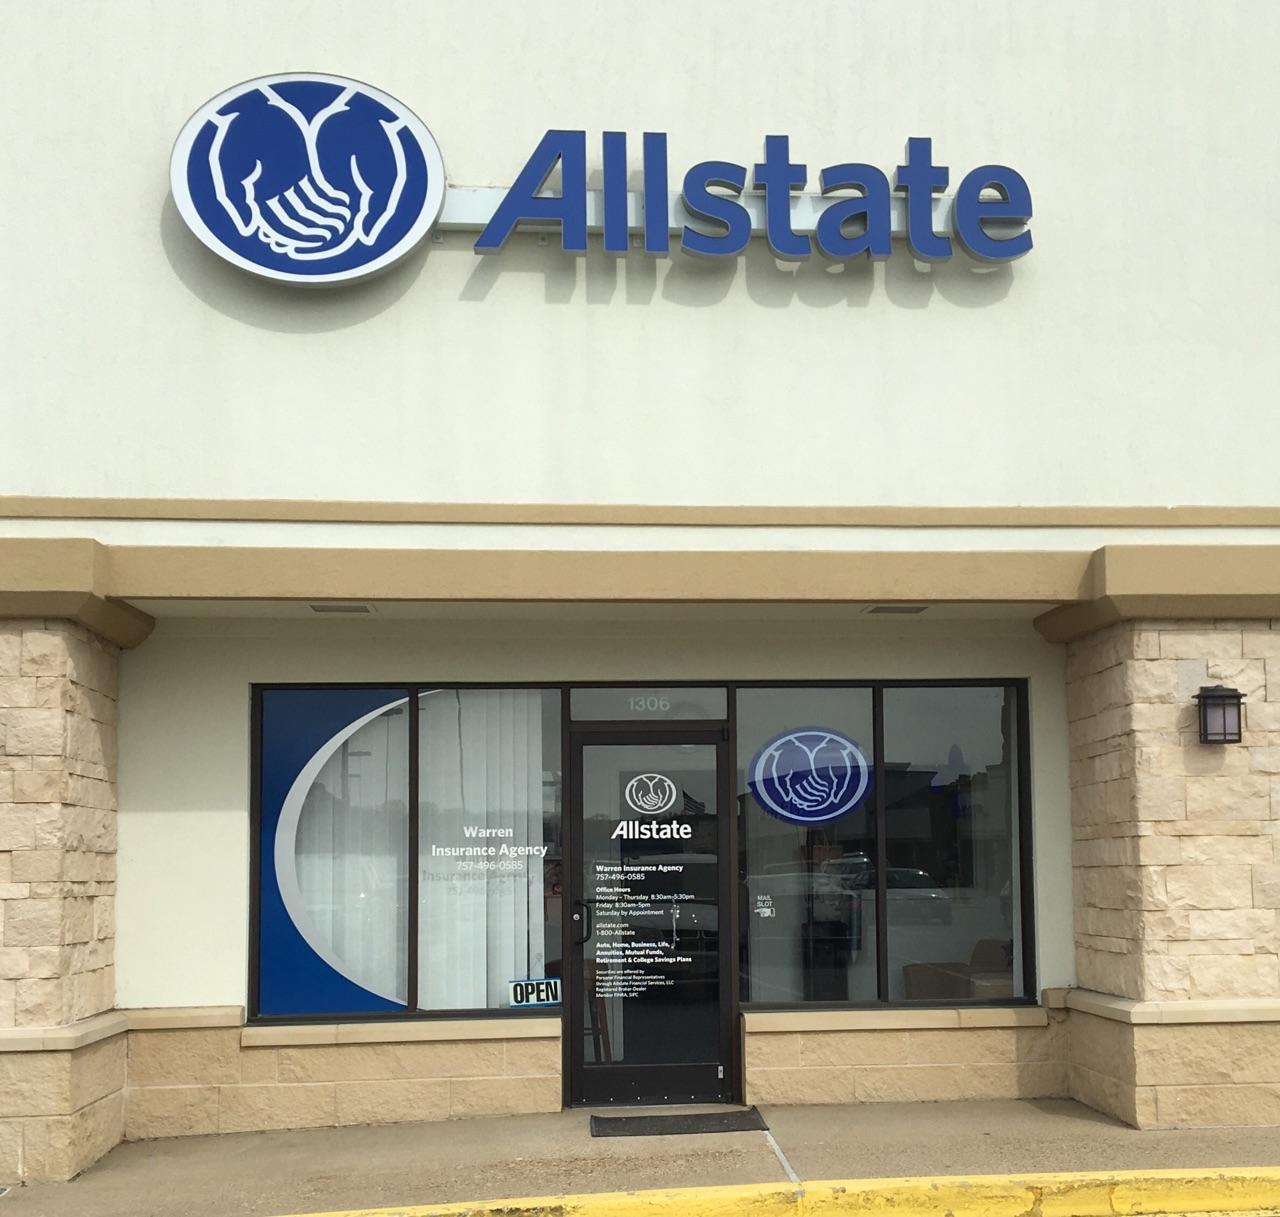 Allstate Insurance Agent: John Warren image 1